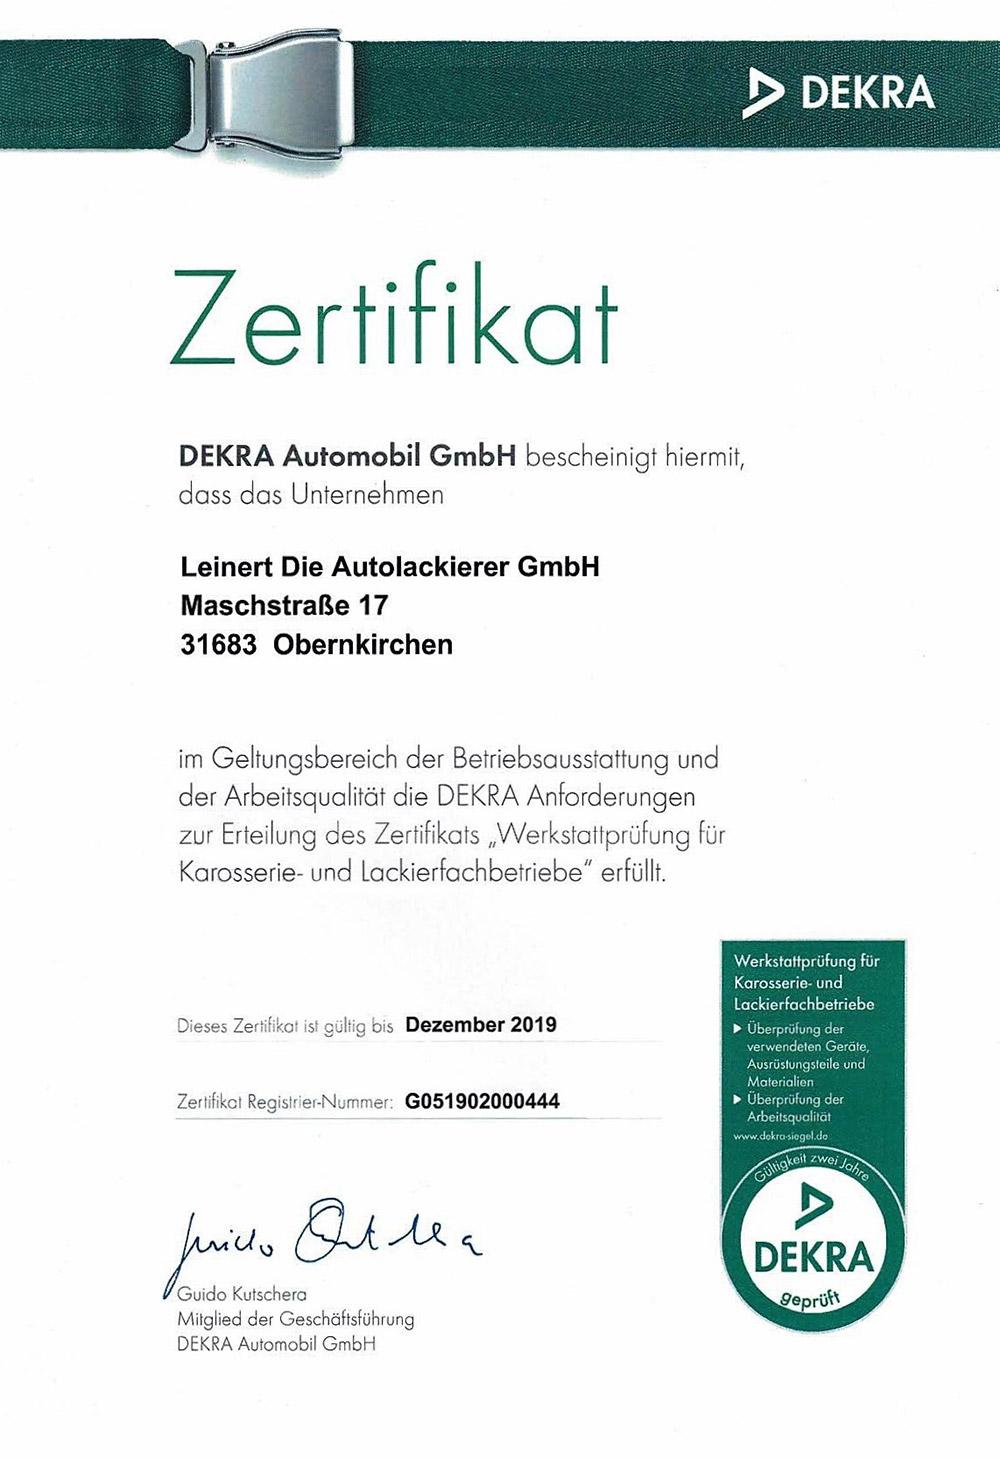 Zertifikat der DEKRA - Arbeitsqualität Werkstattprüfung für Karosserie- und Lackierfachbetriebe